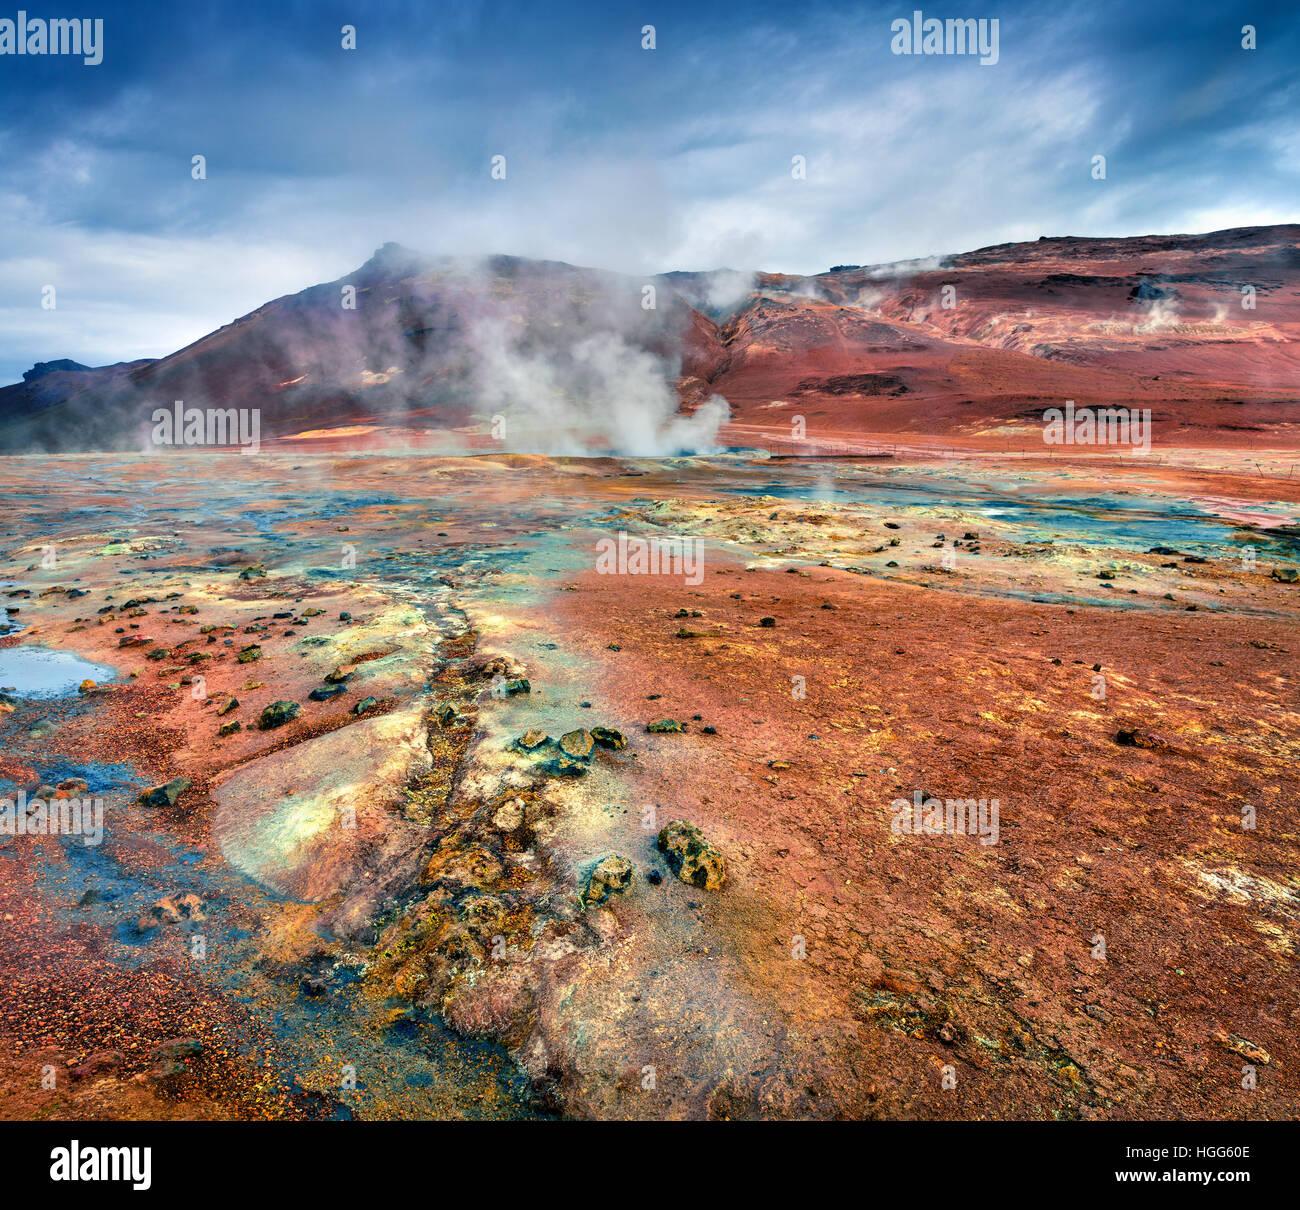 Le fumarole dans la vallée géothermique Hverarond, situé près de Reykjahlid village dans le Photo Stock